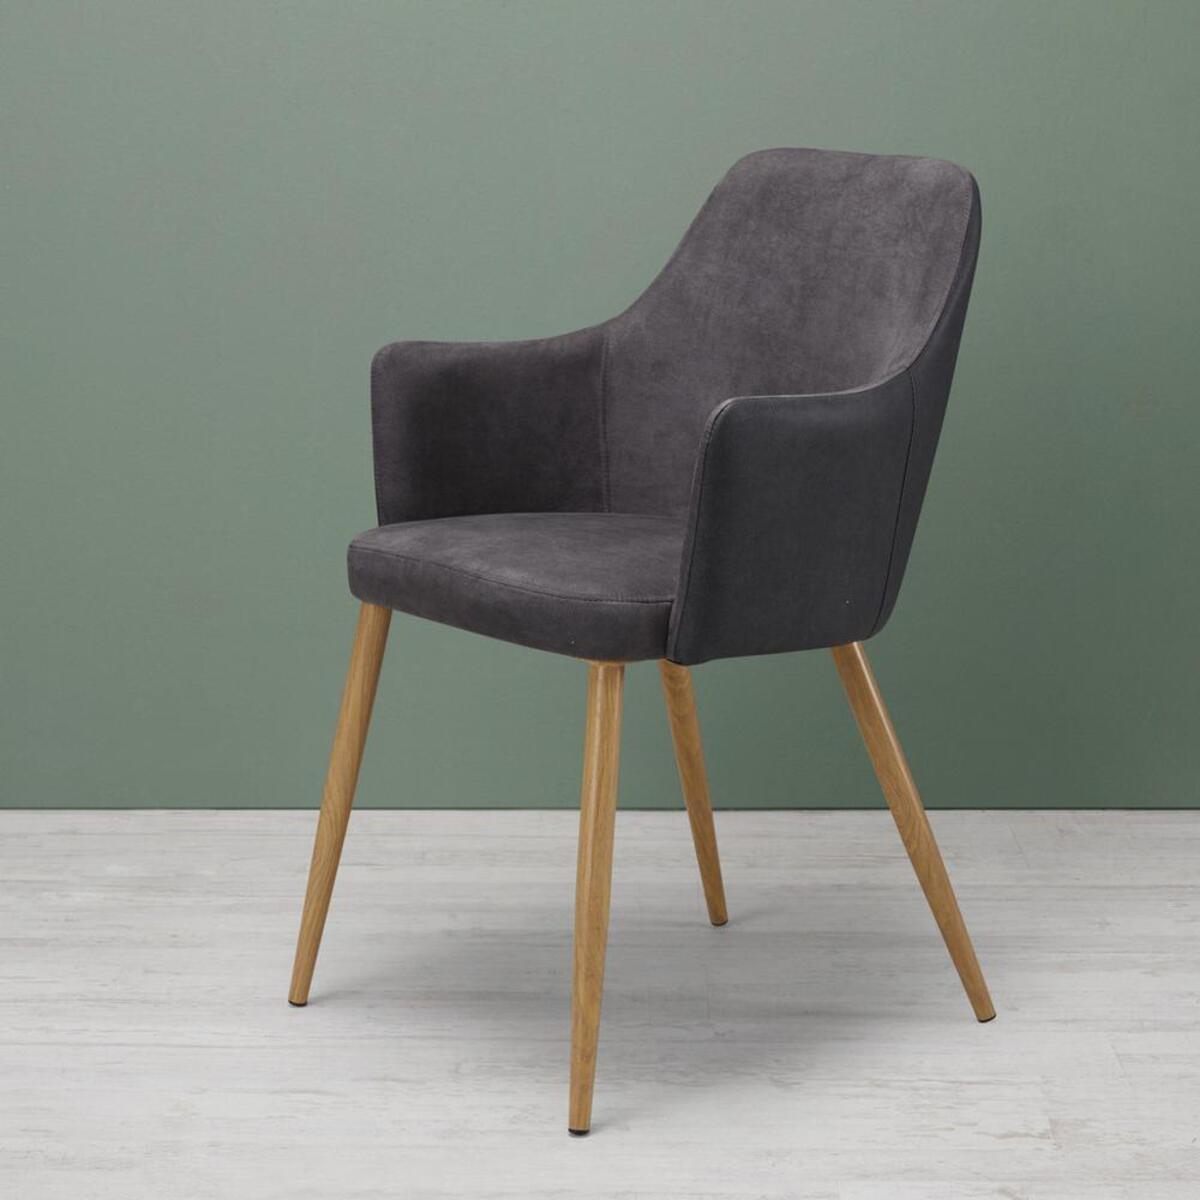 Bild 1 von Armlehnstuhl in Dunkelgrau 'Chrisi'